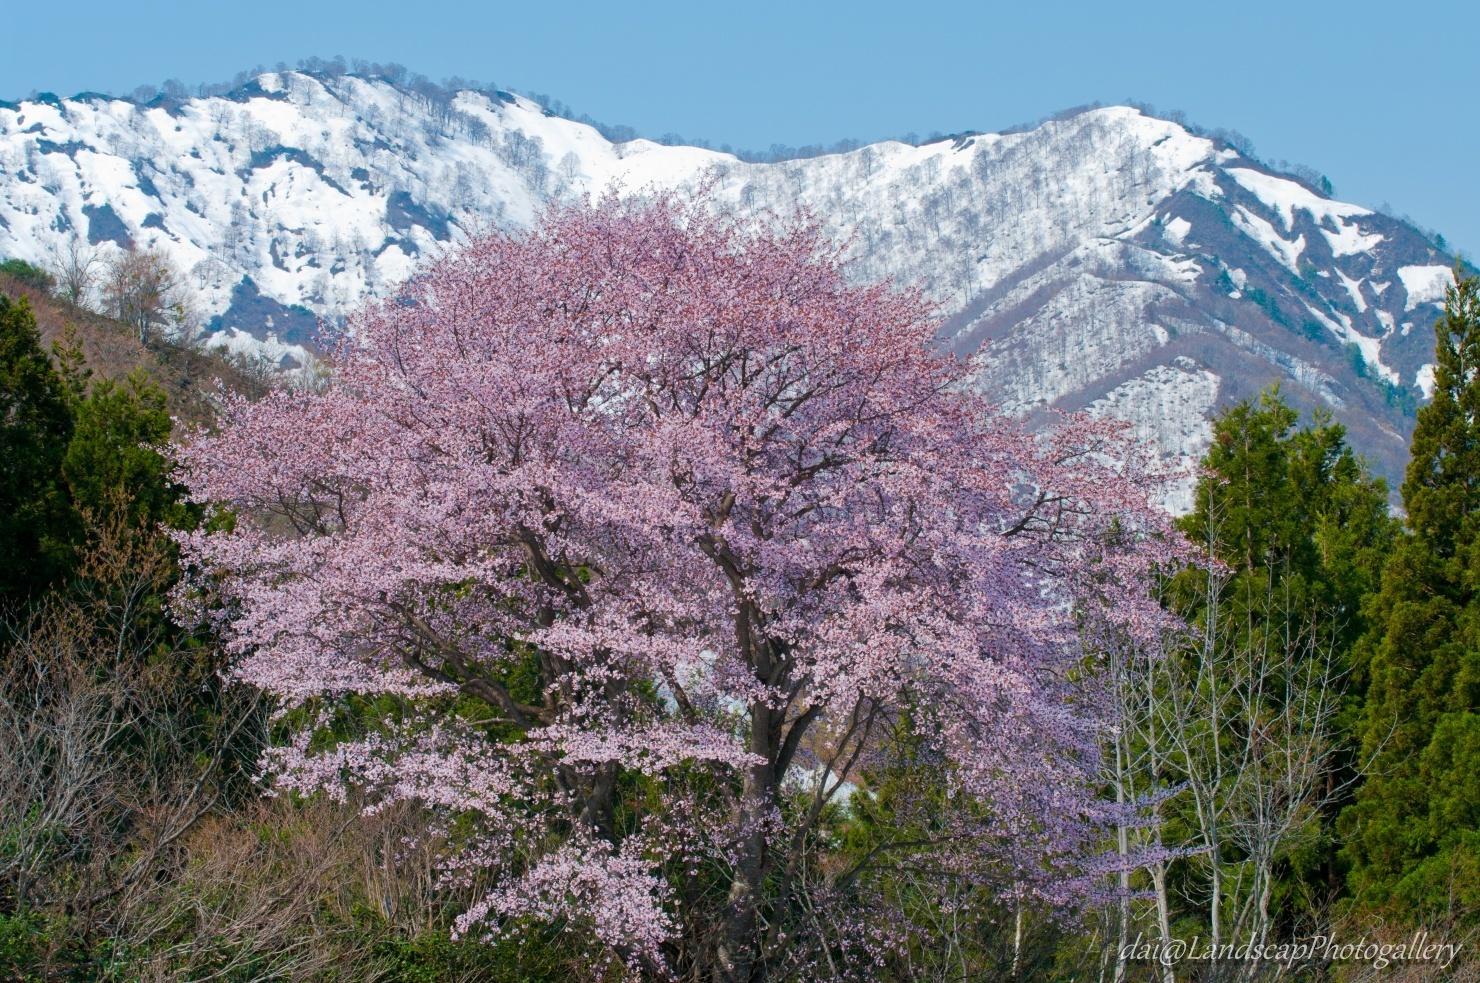 越後残雪の山と満開の桜